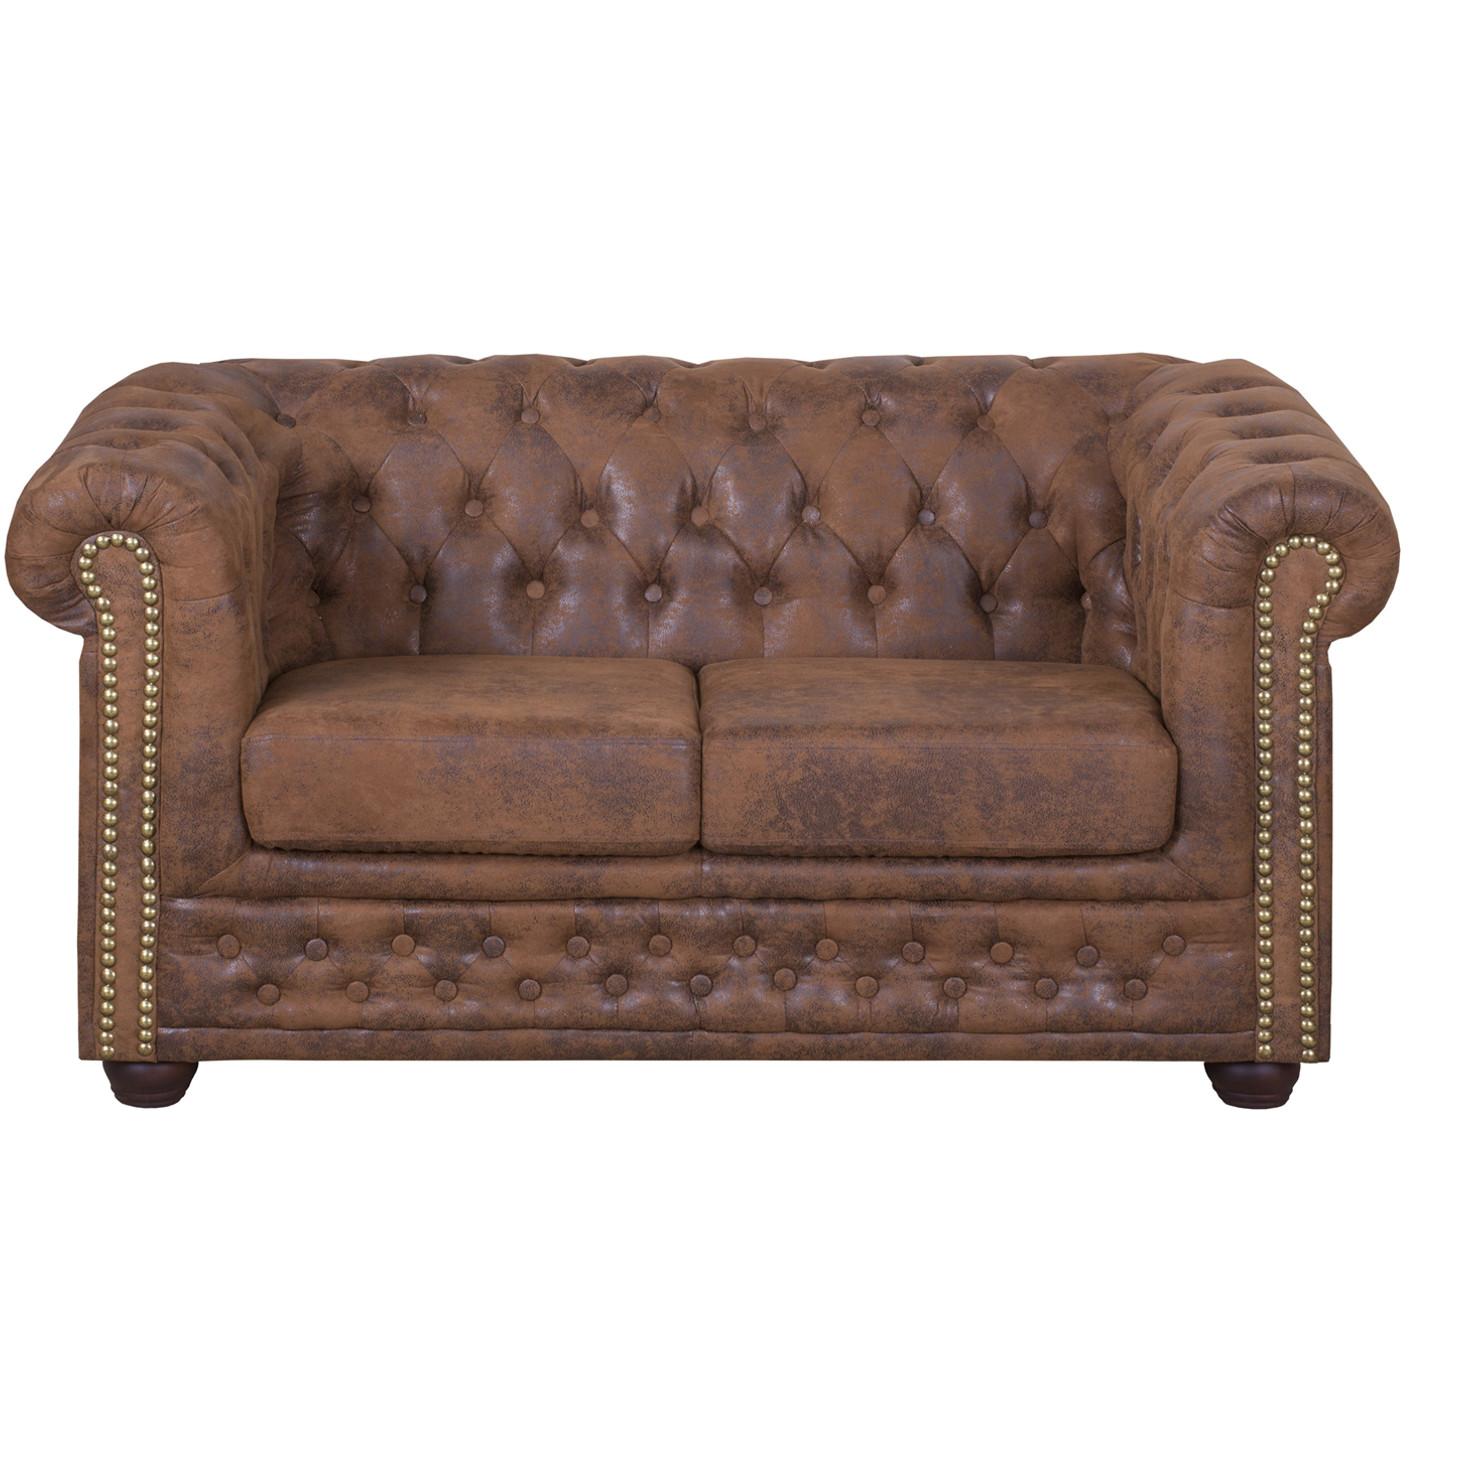 Sofa mit 2 Sitzplätzen